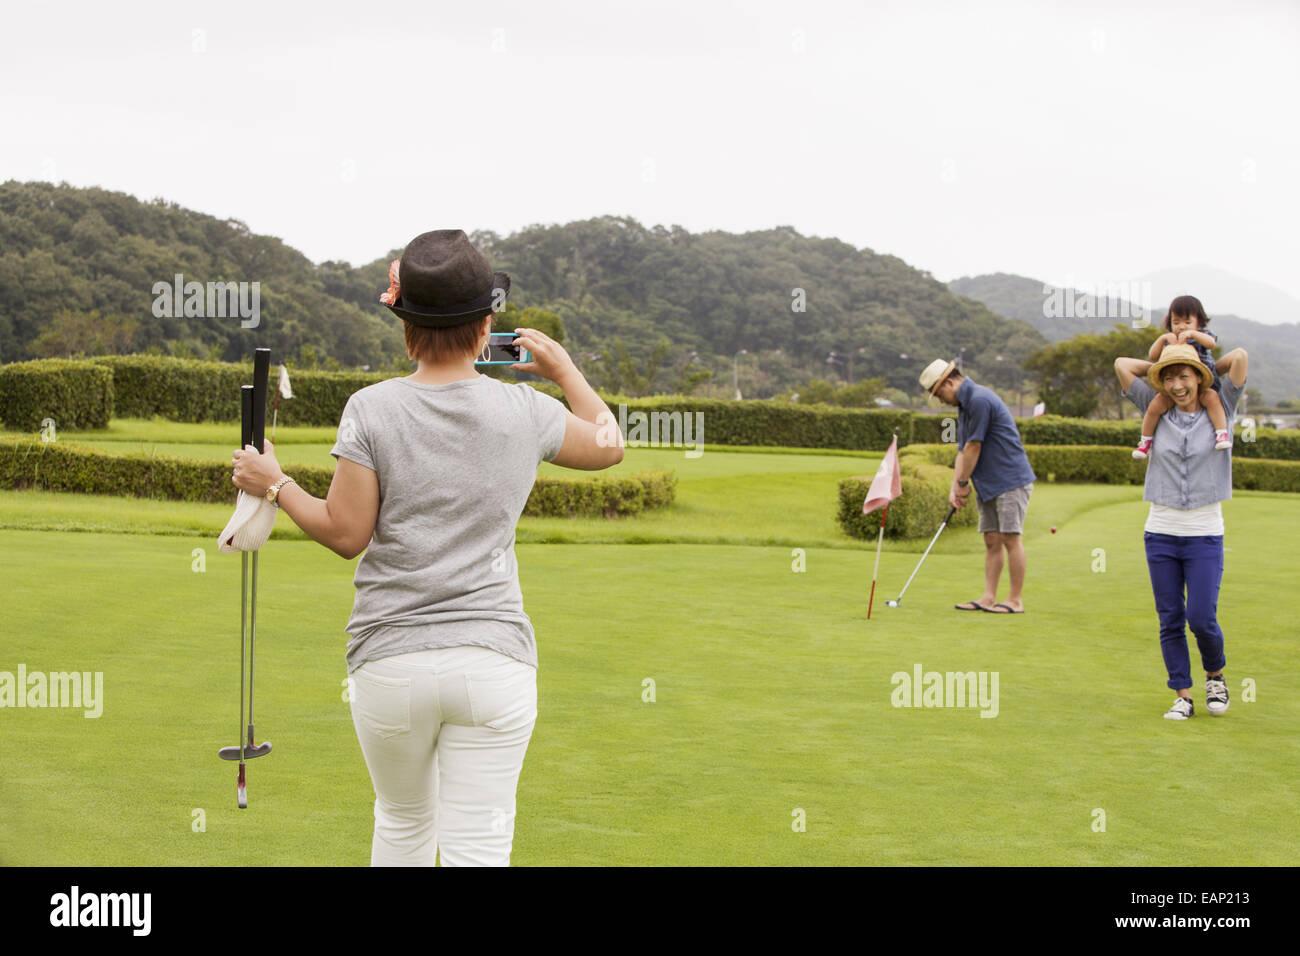 Sur un terrain de golf de la famille.Un enfant et trois adultes. Une femme avec un appareil photo. Banque D'Images